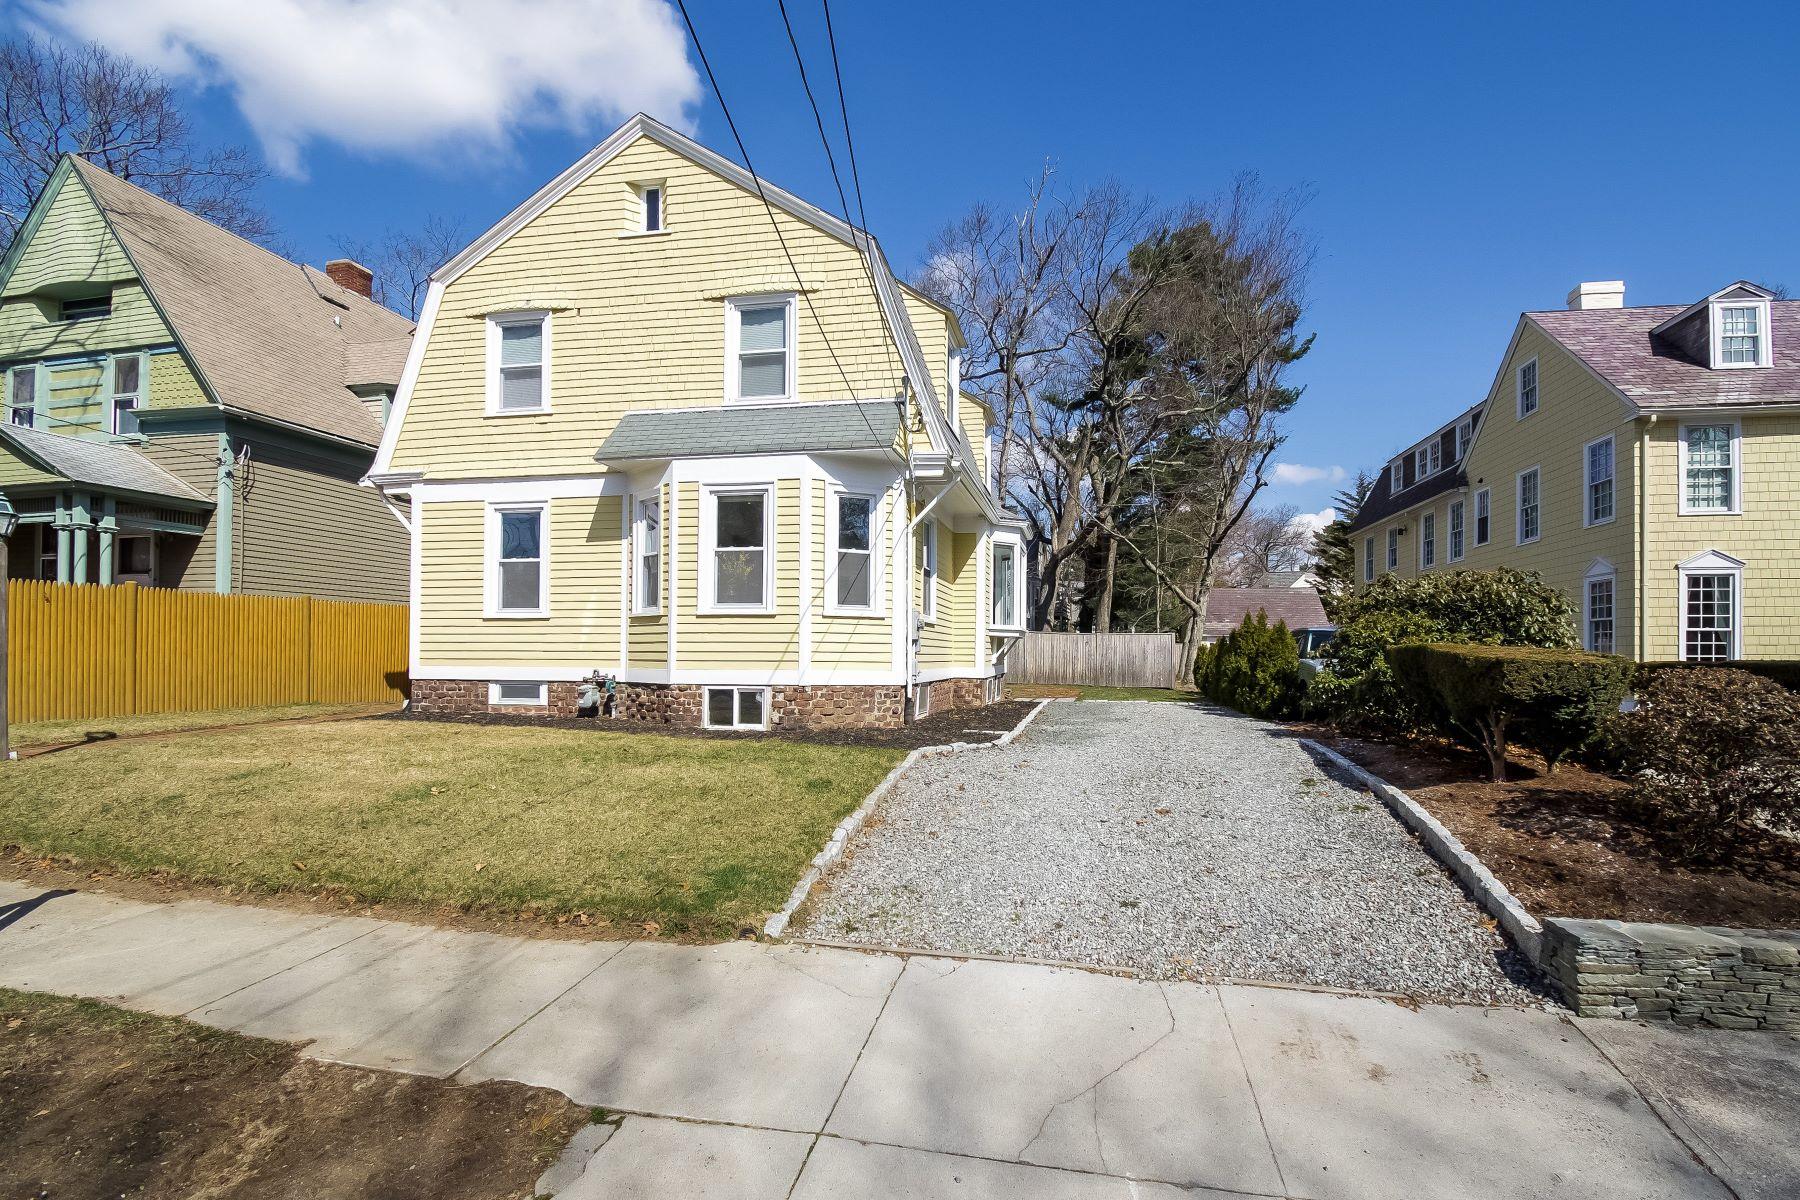 独户住宅 为 销售 在 276 President Av, Providence, RI 276 President Av 普罗维登斯, 罗得岛 02906 美国